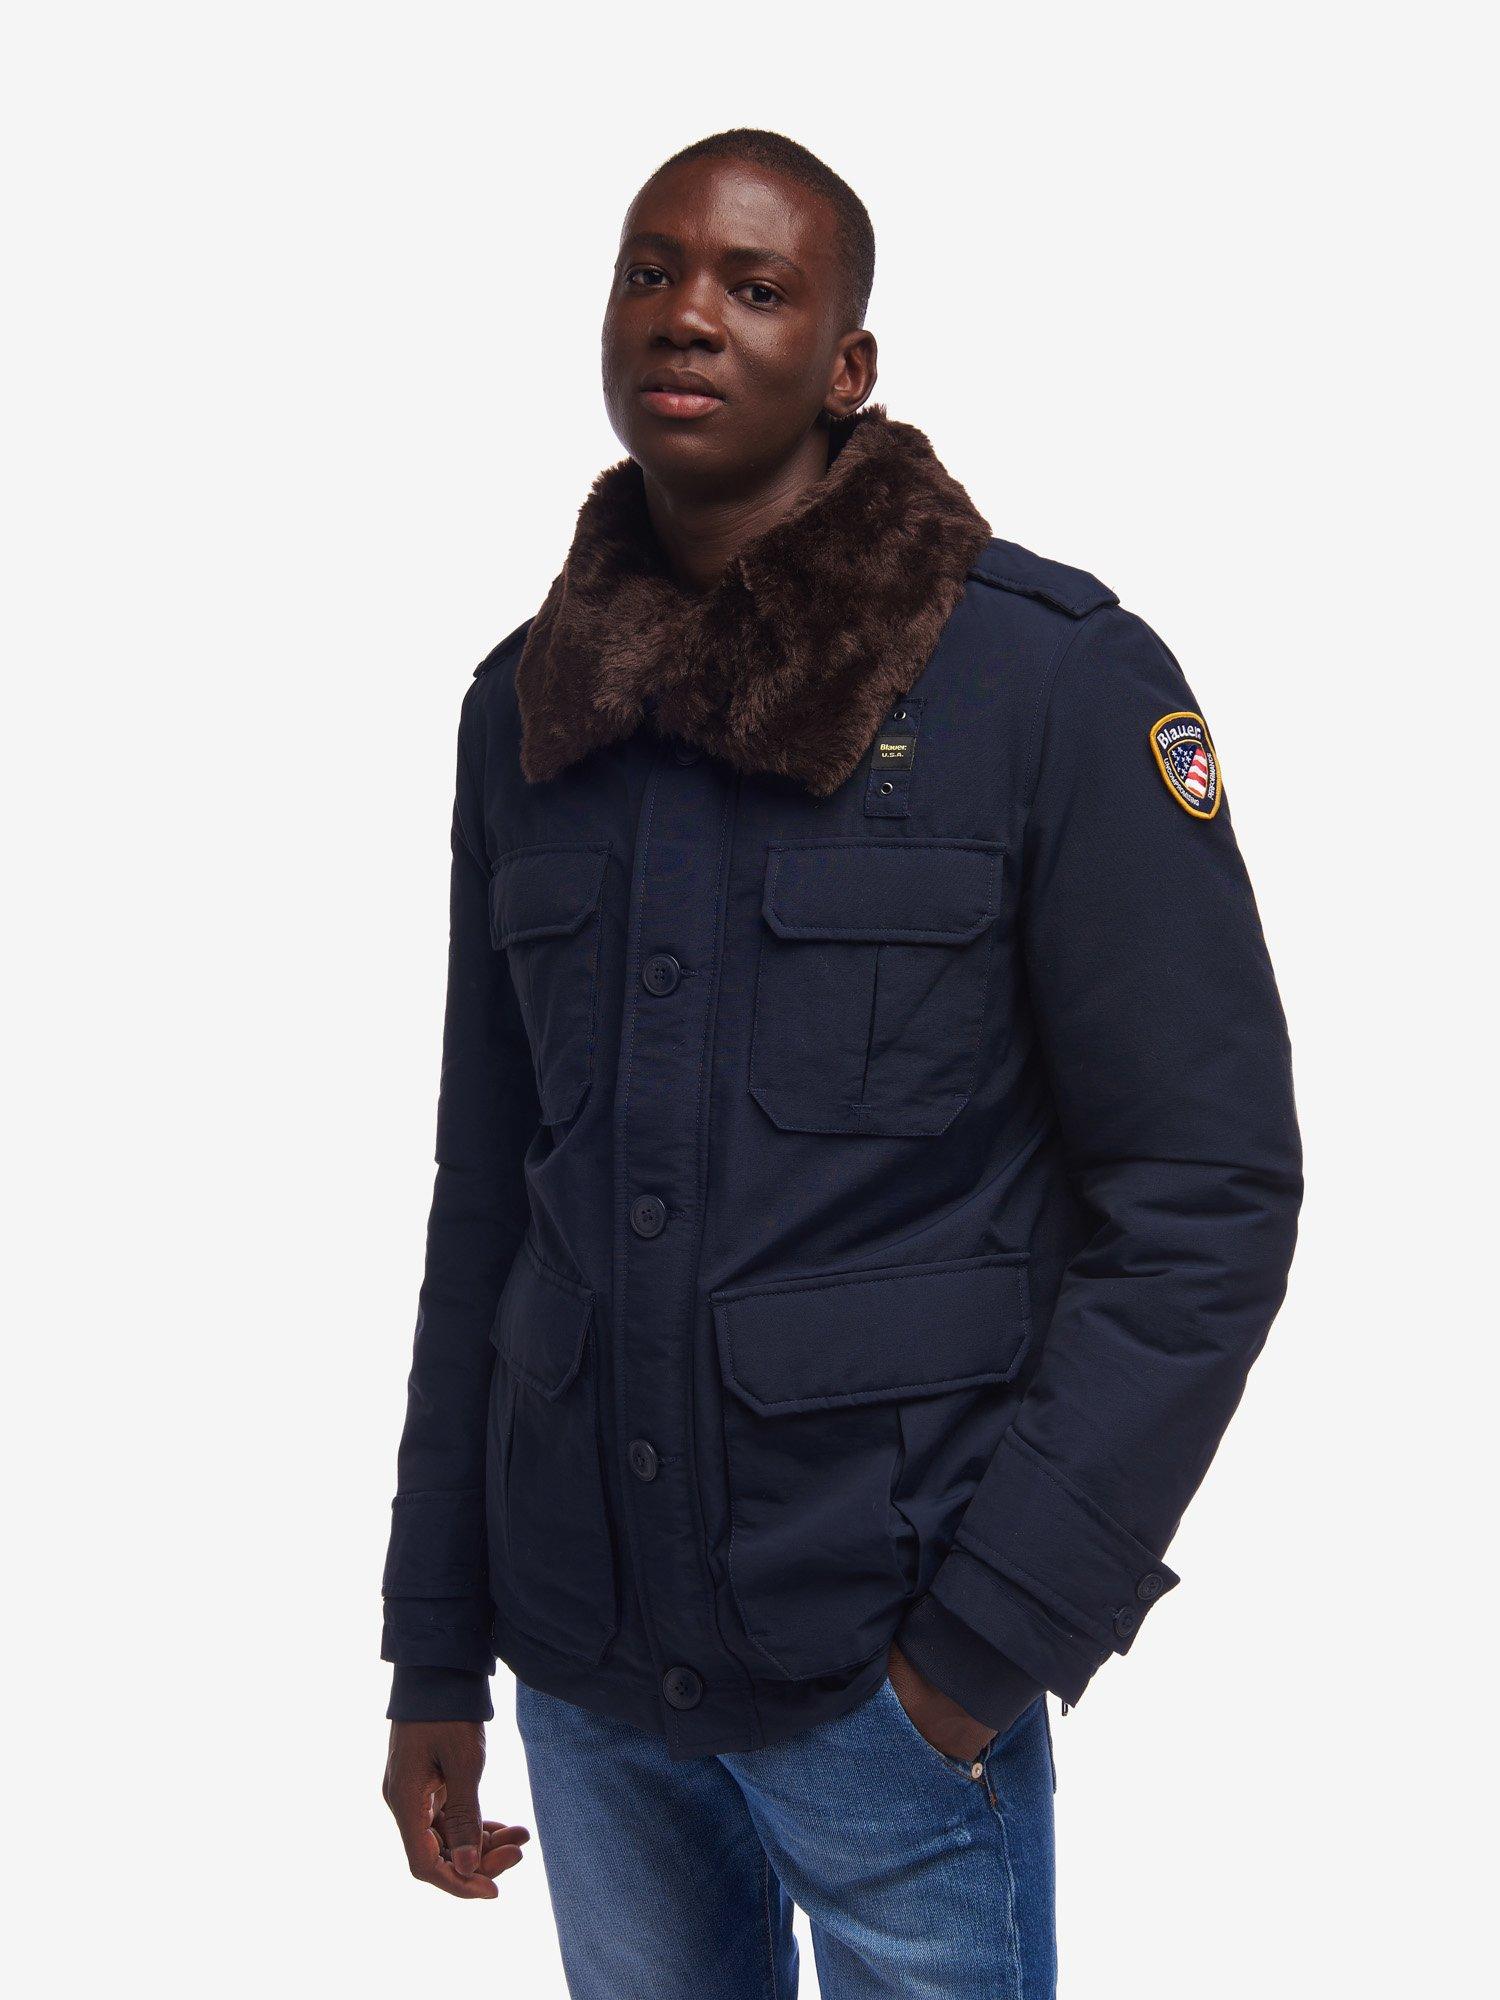 MURREY BLAUER POLICE JACKET - Blauer